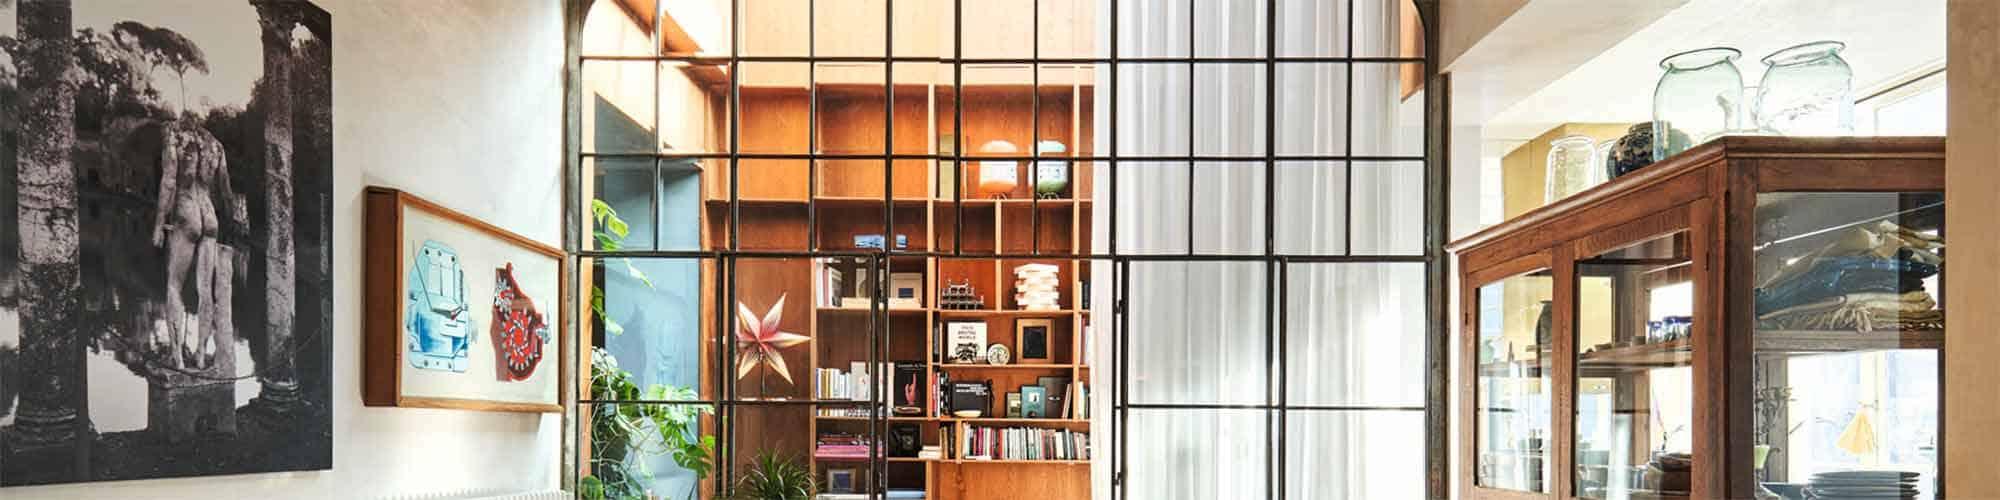 salle d'art magazine design à la maison